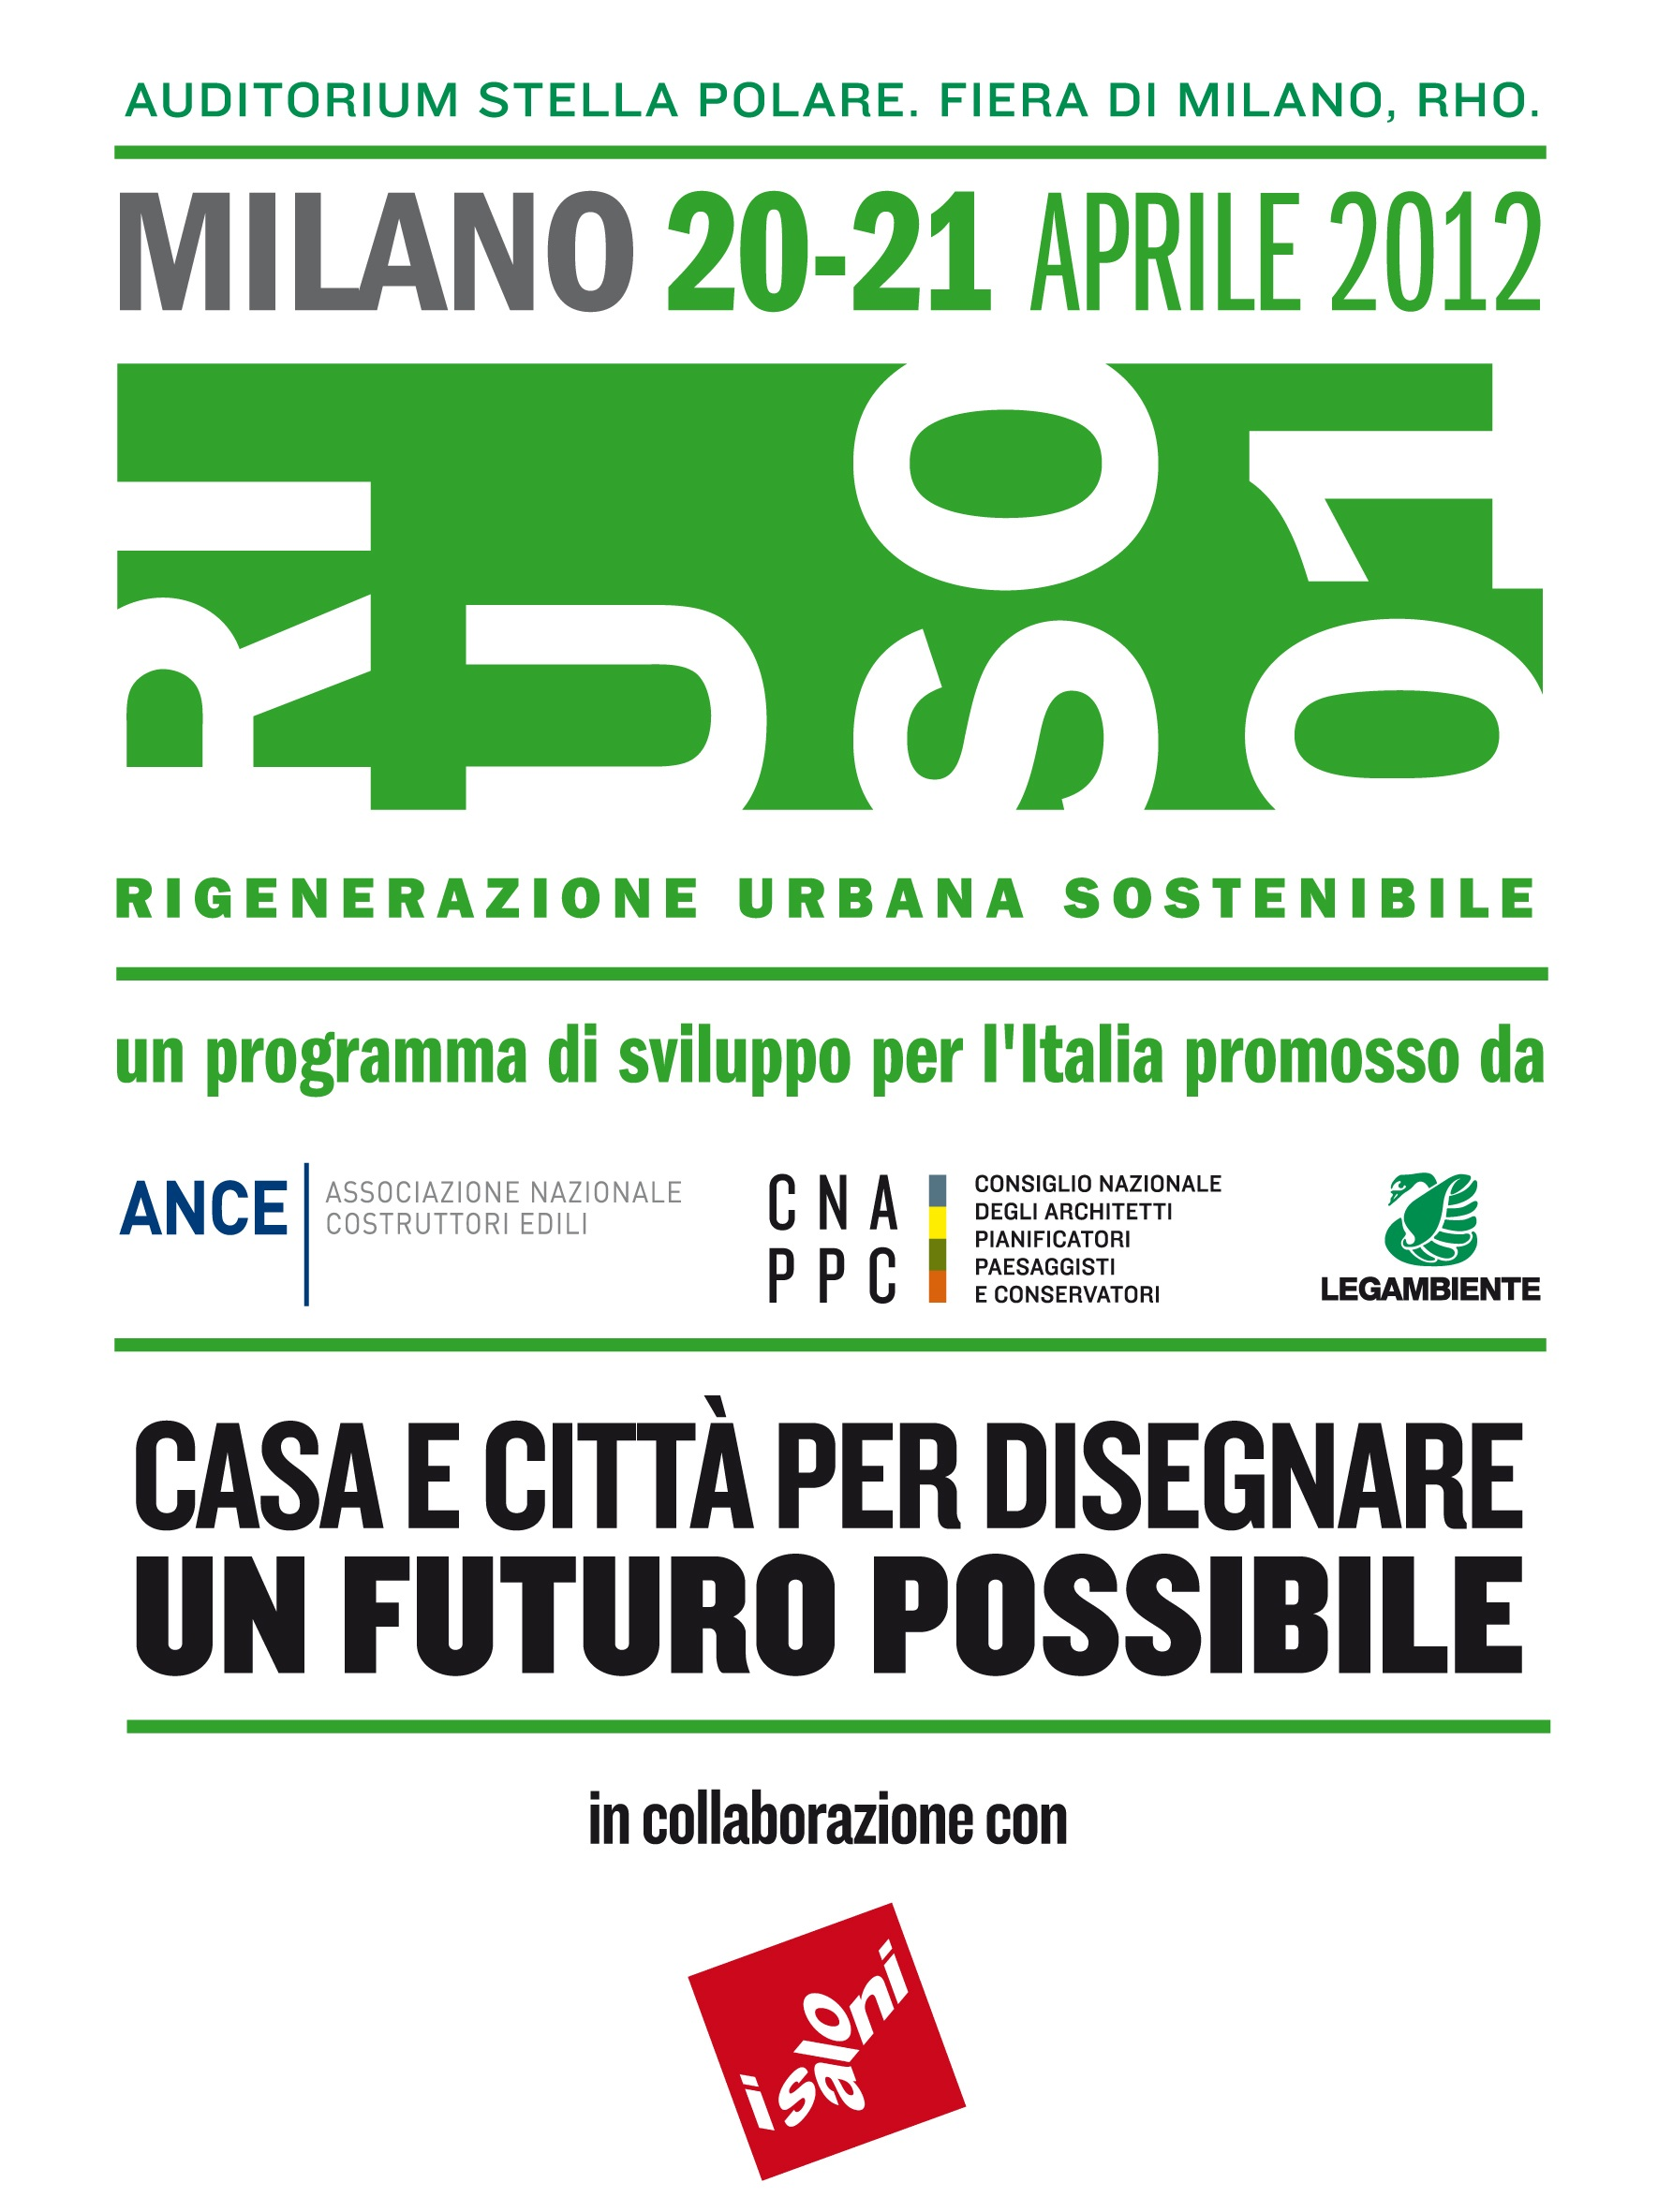 Programma di sviluppo per l italia ri u so rigenerazione urbana sostenibile salone - Programma per disegnare casa ...